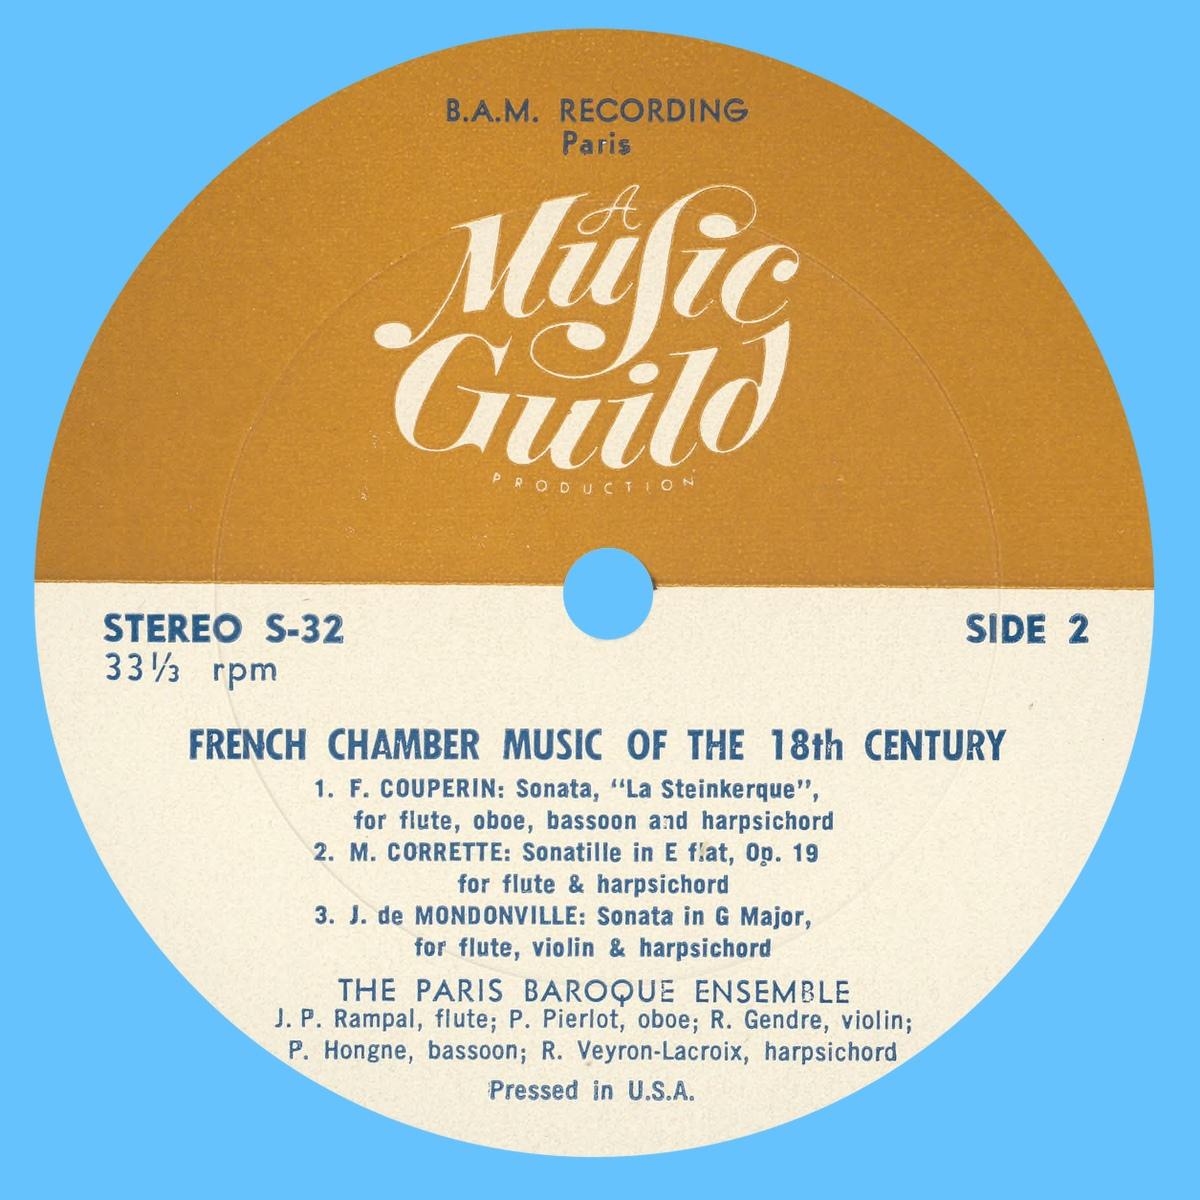 Étiquette verso du disque Music Guild Stereo S-32